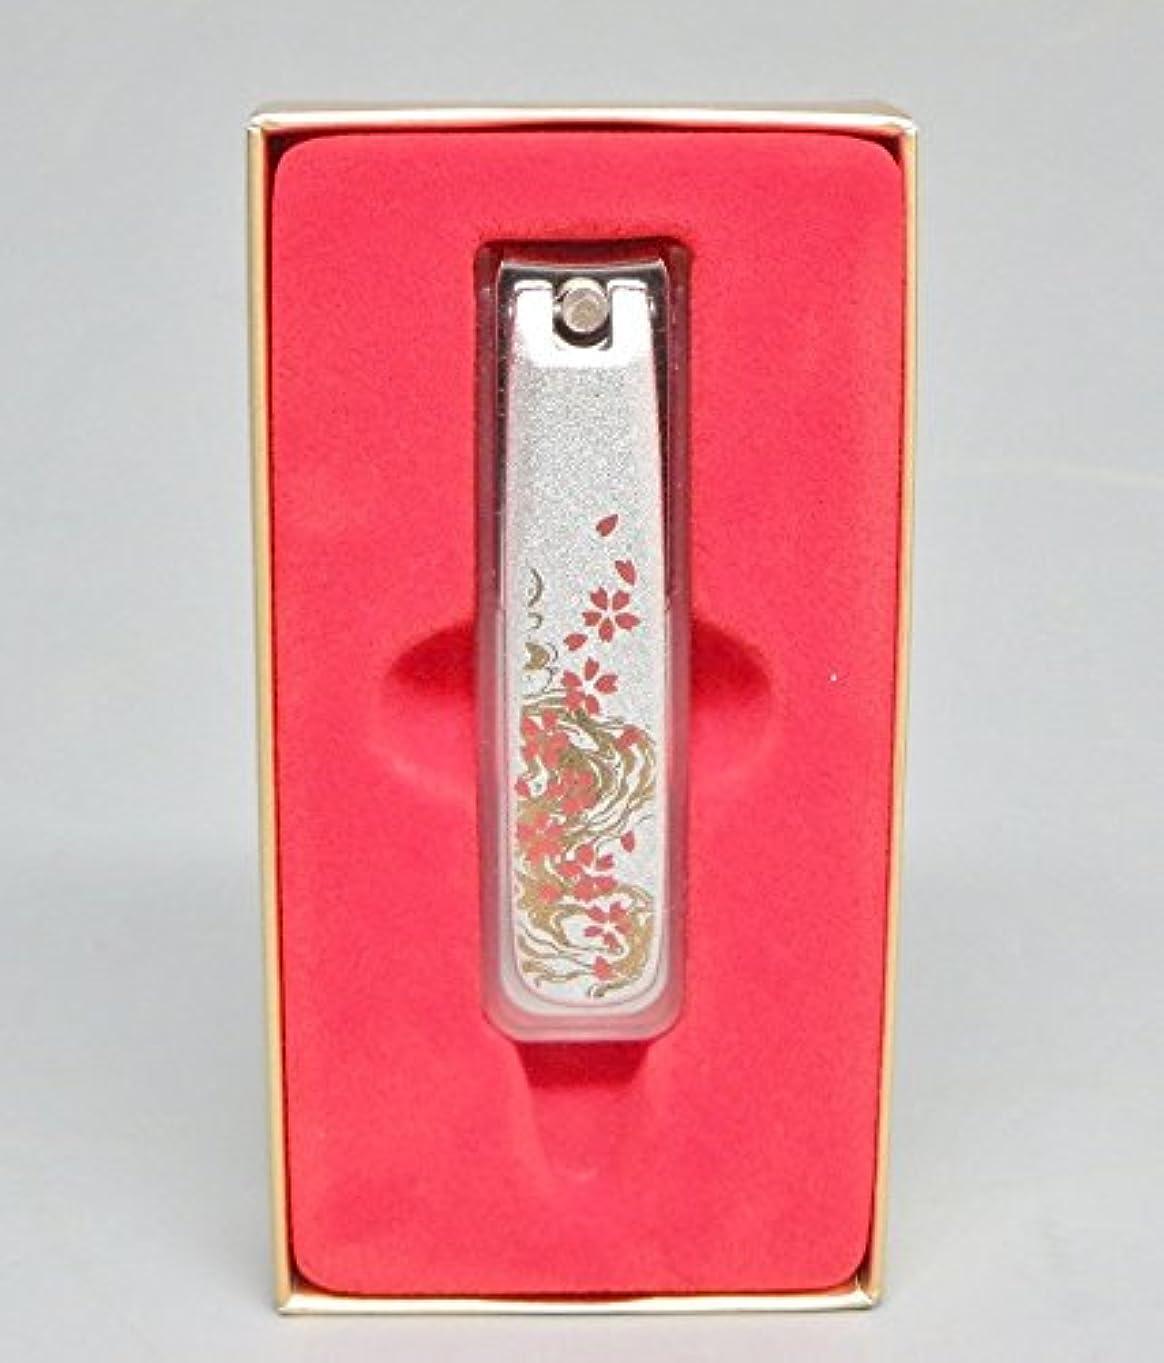 弾性蒸留する頑固な高級 加賀蒔絵 爪きり  日本製 岐阜県関産 銀 桜流水